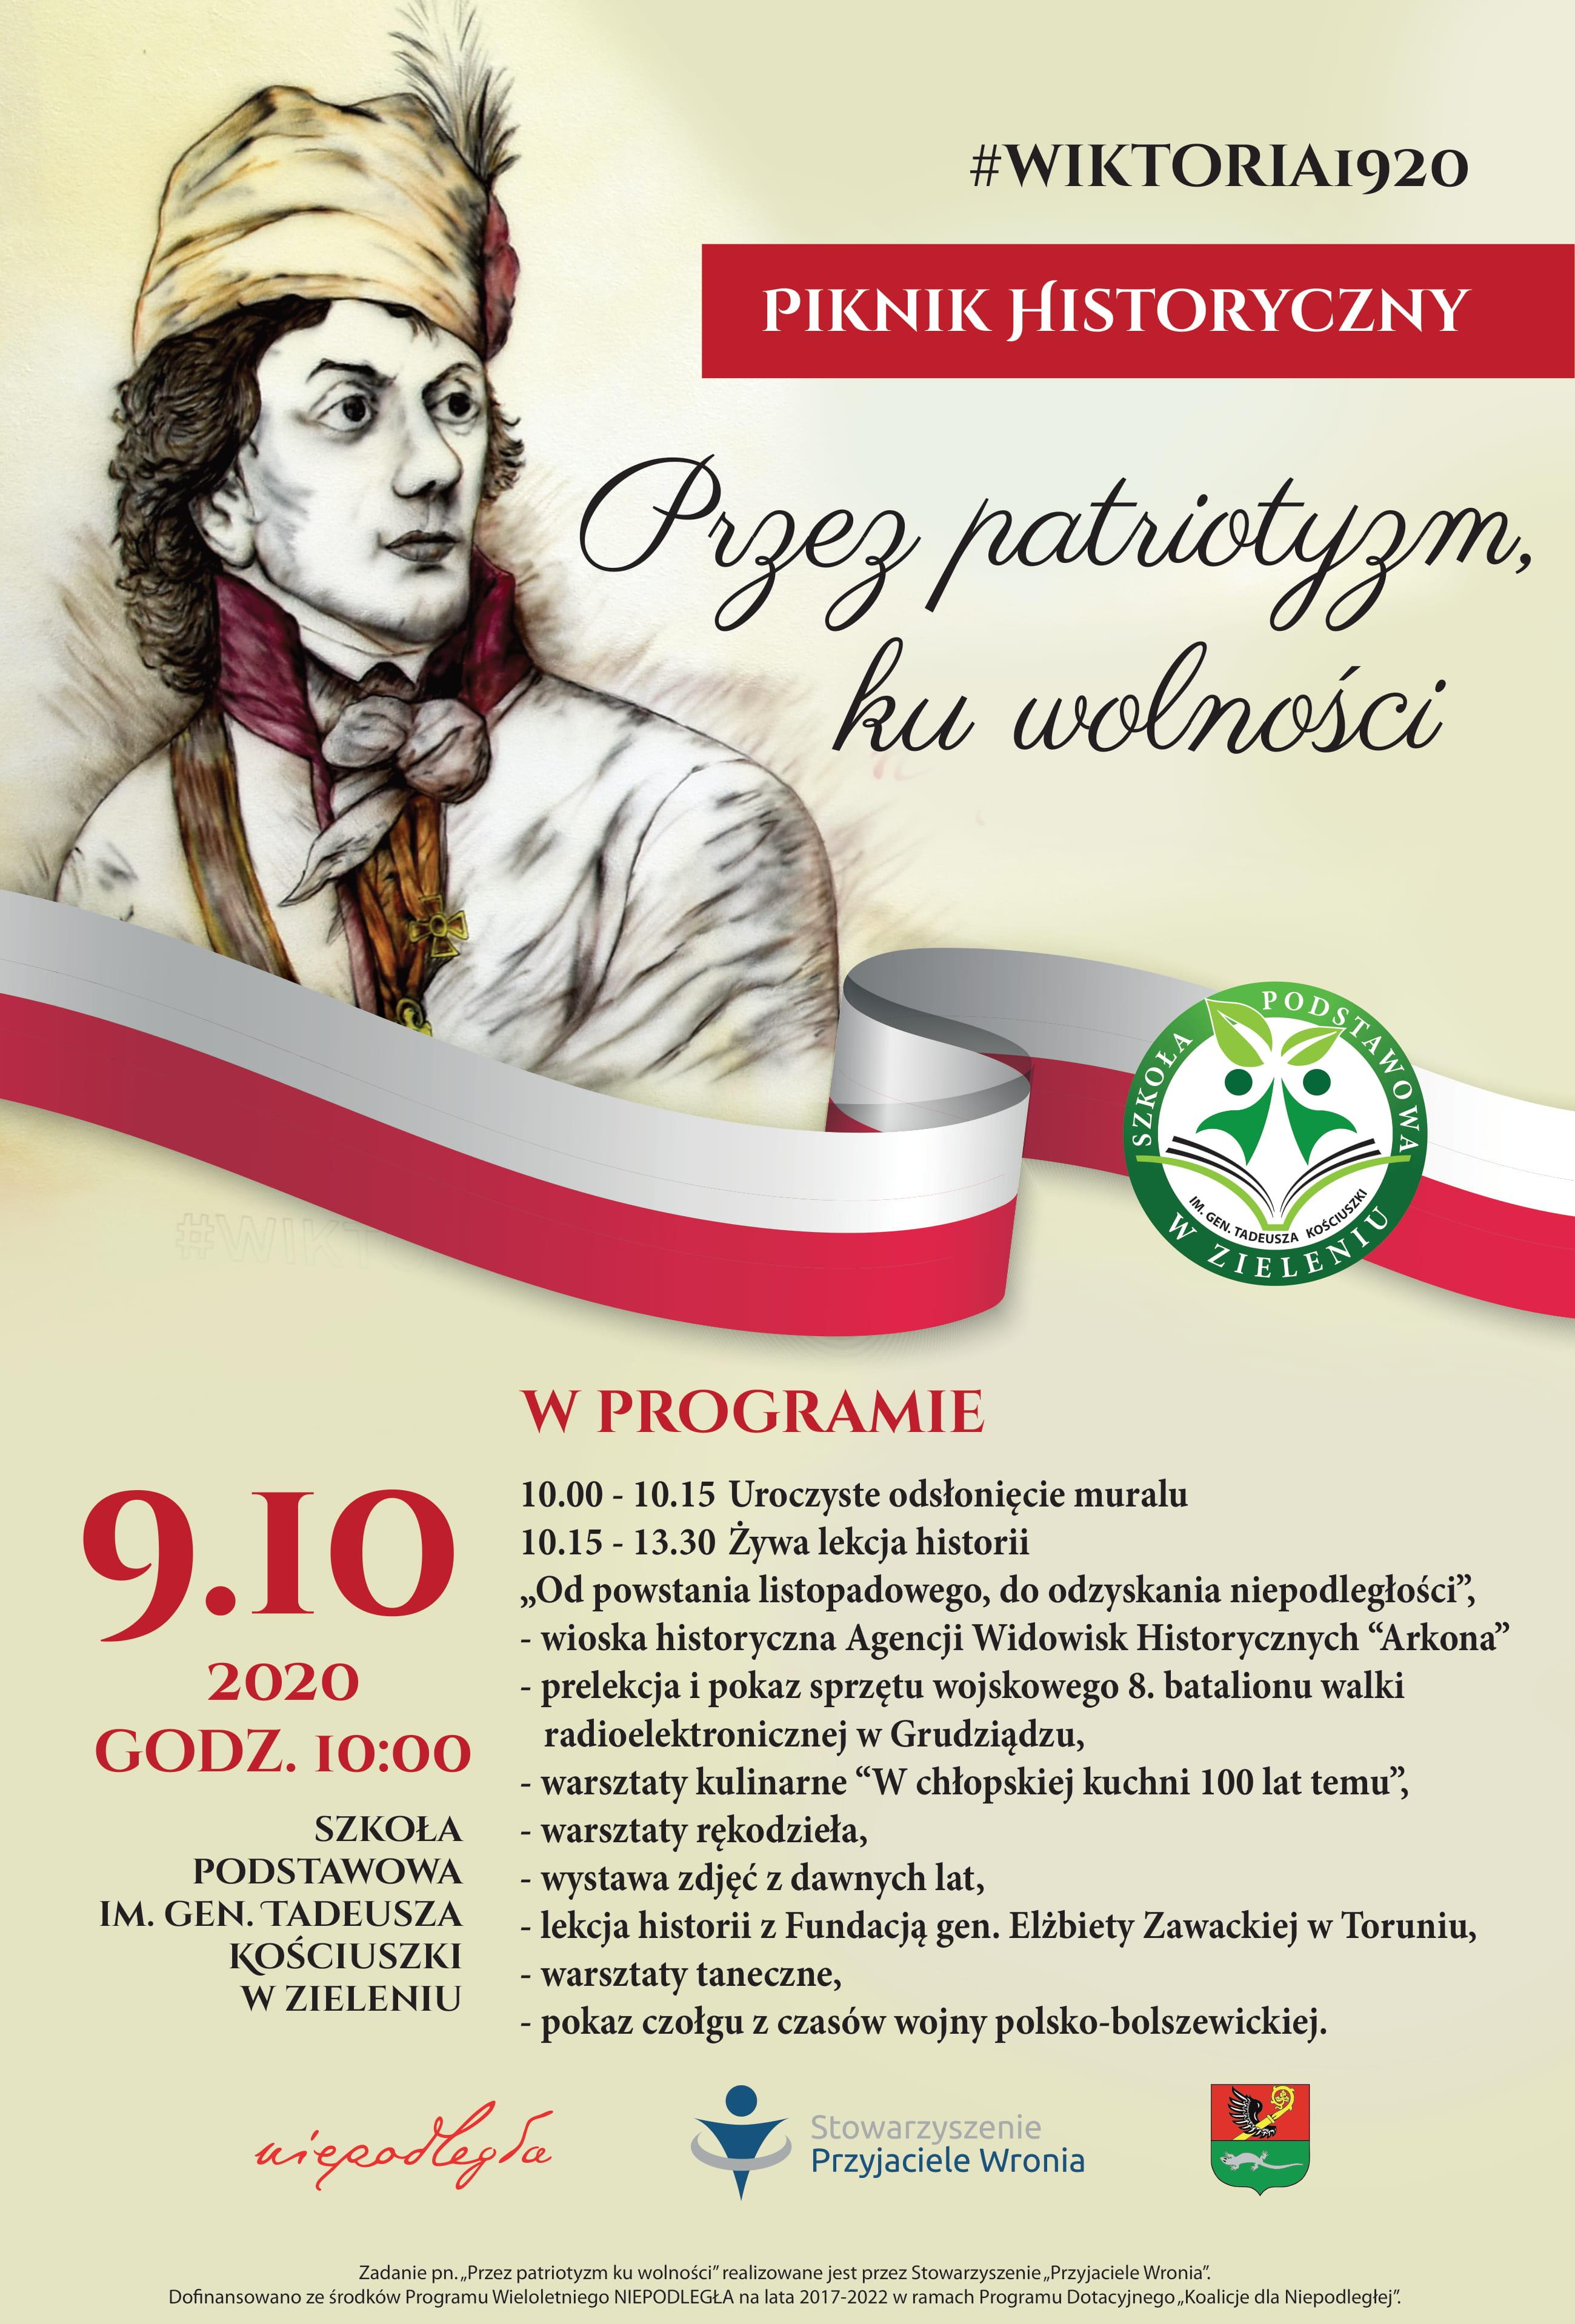 Piknik historyczny plakat 330x487 (1)-1